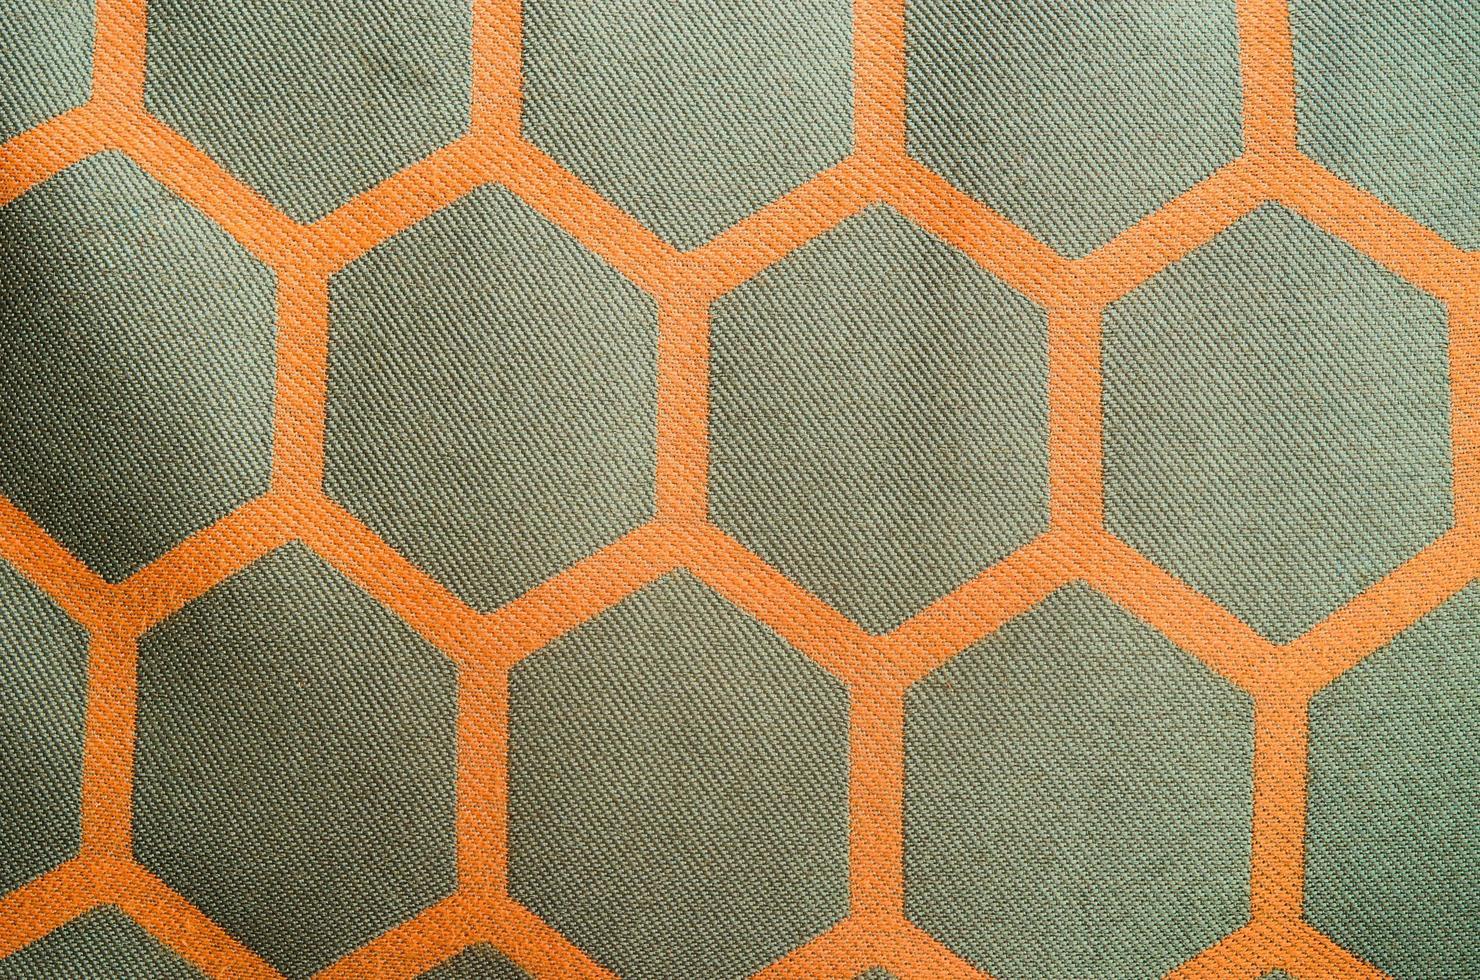 padrão de tecido hexagonal foto